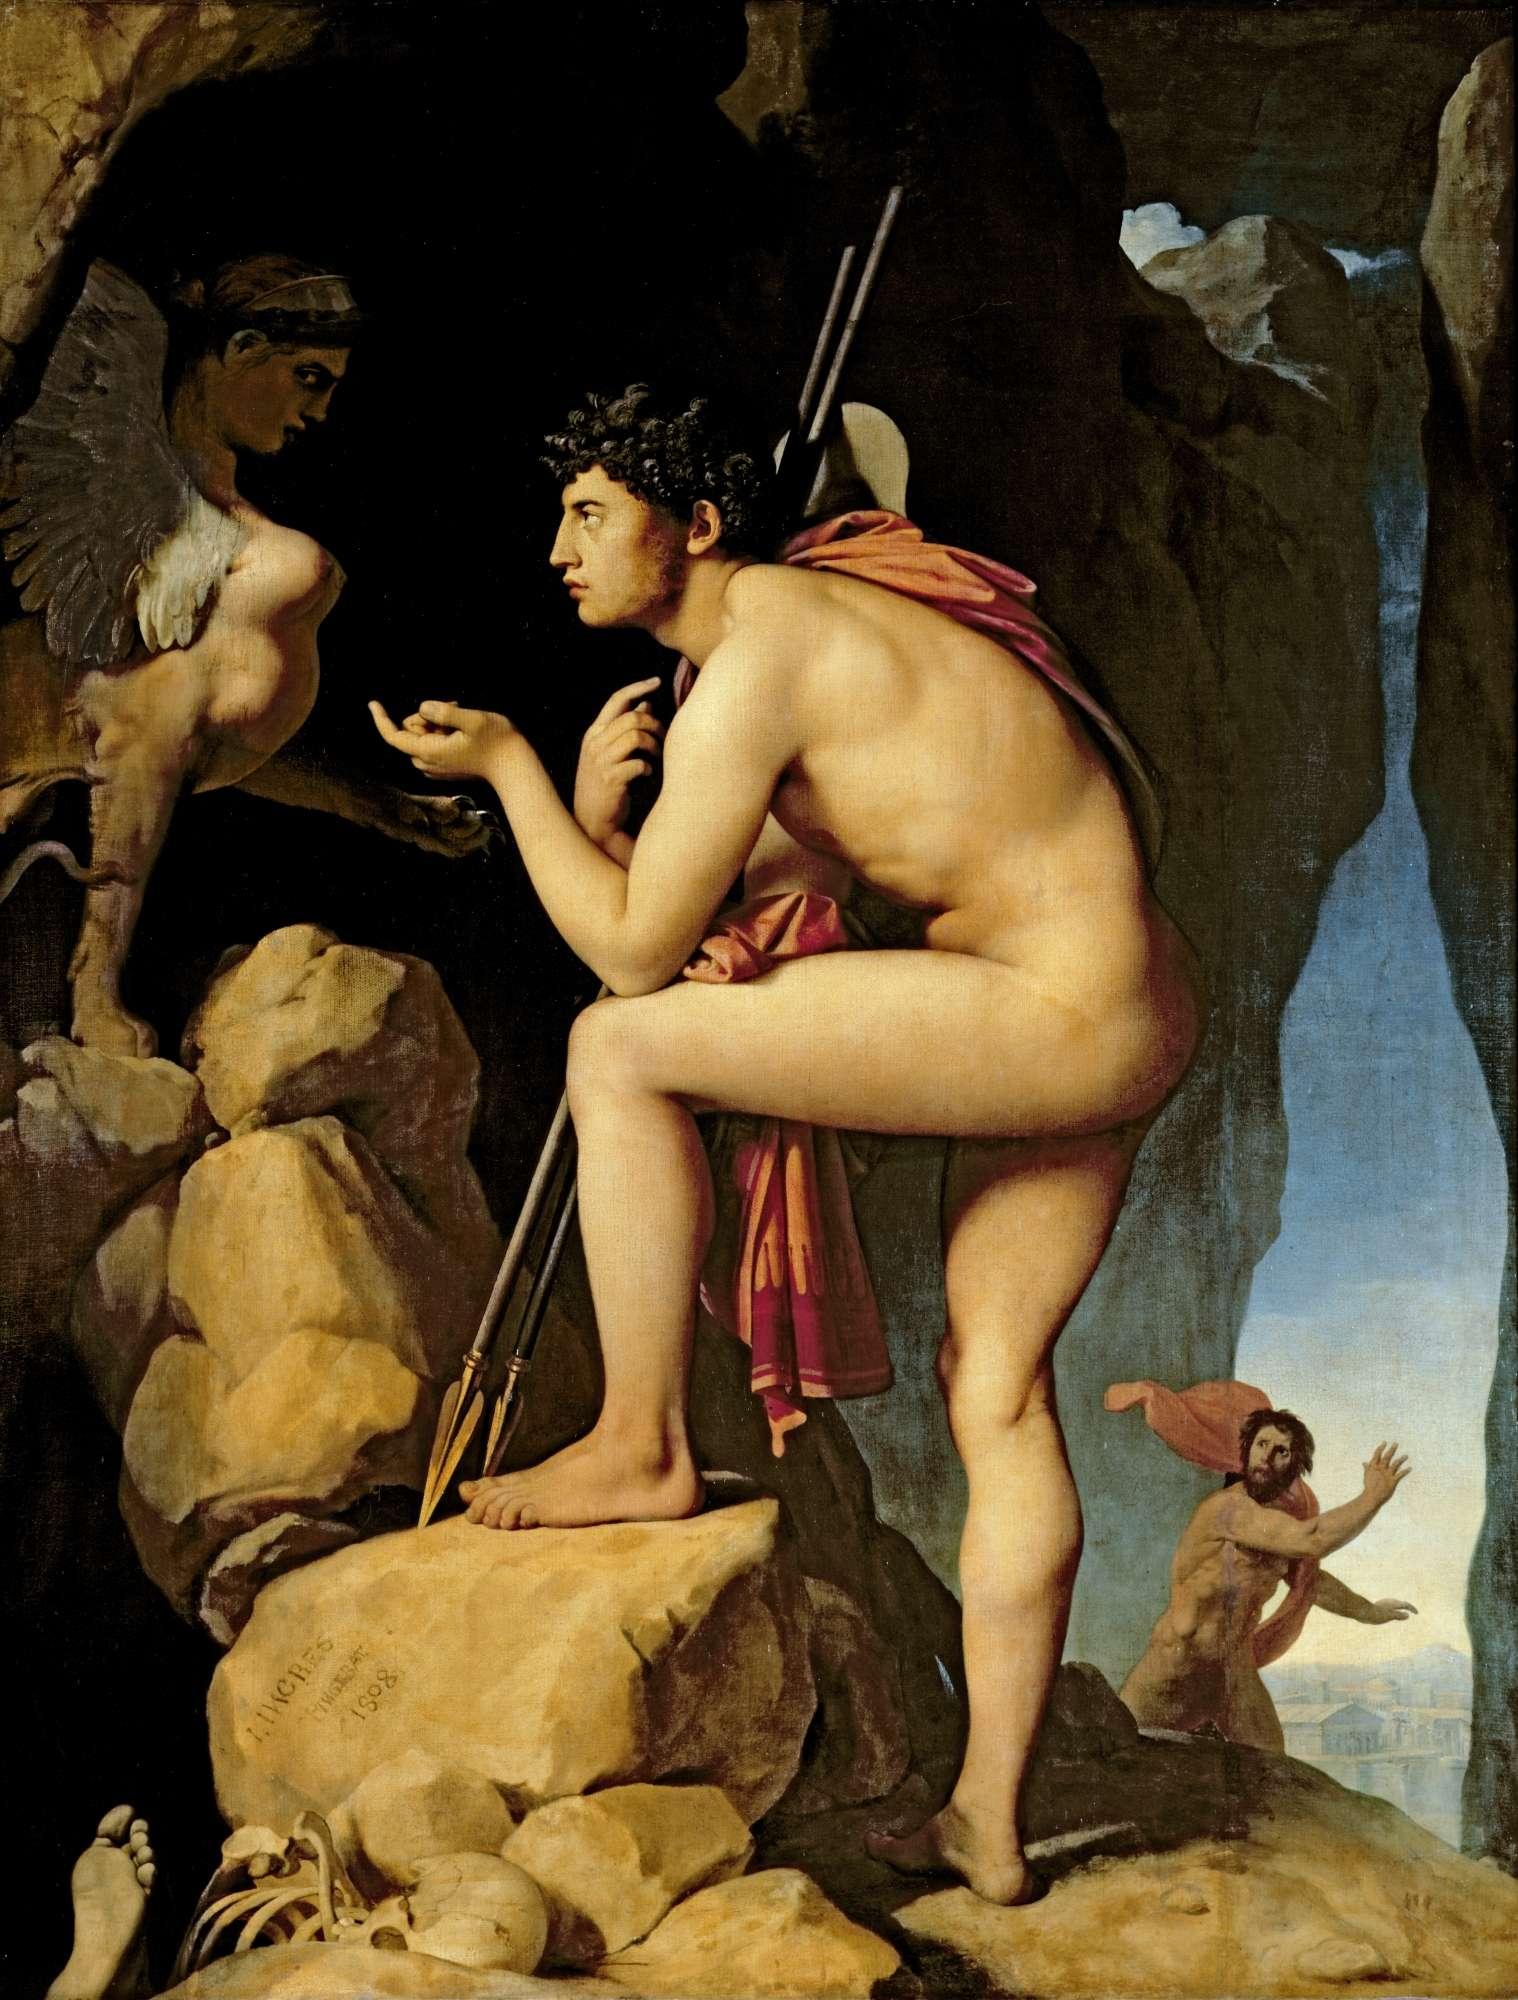 Ζαν Ωγκύστ Ντομινίκ Ενγκρ (Jean-Auguste-Dominique Ingres, 29 Αυγούστου 1780 - 14 Ιανουαρίου 1867). Ο Οιδίπους λύνει το αίνιγμα της Σφίγγας.